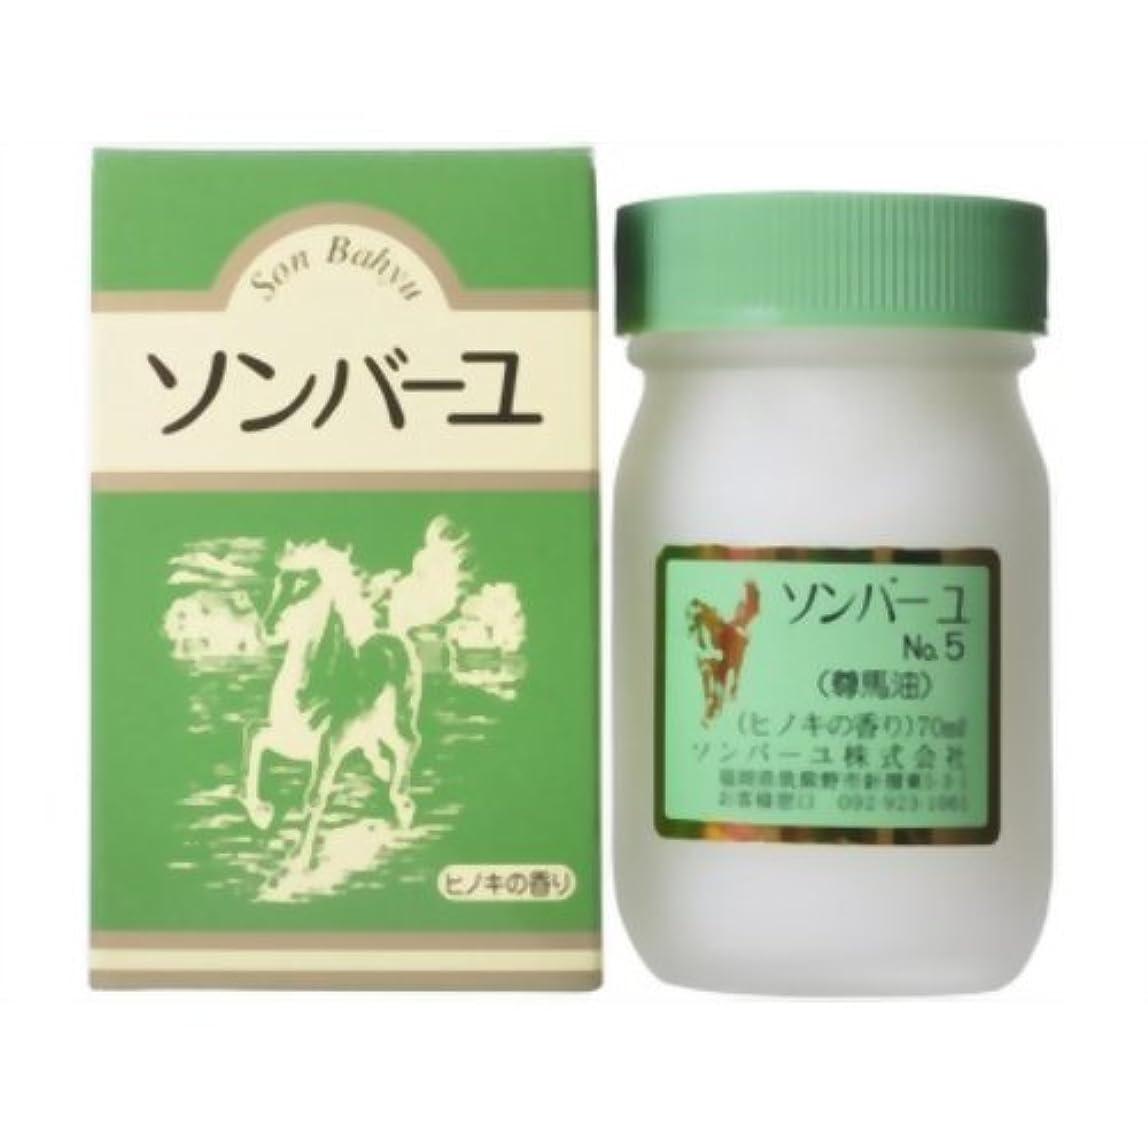 説得力のある残基蒸し器ソンバーユ ヒノキの香り 70ml